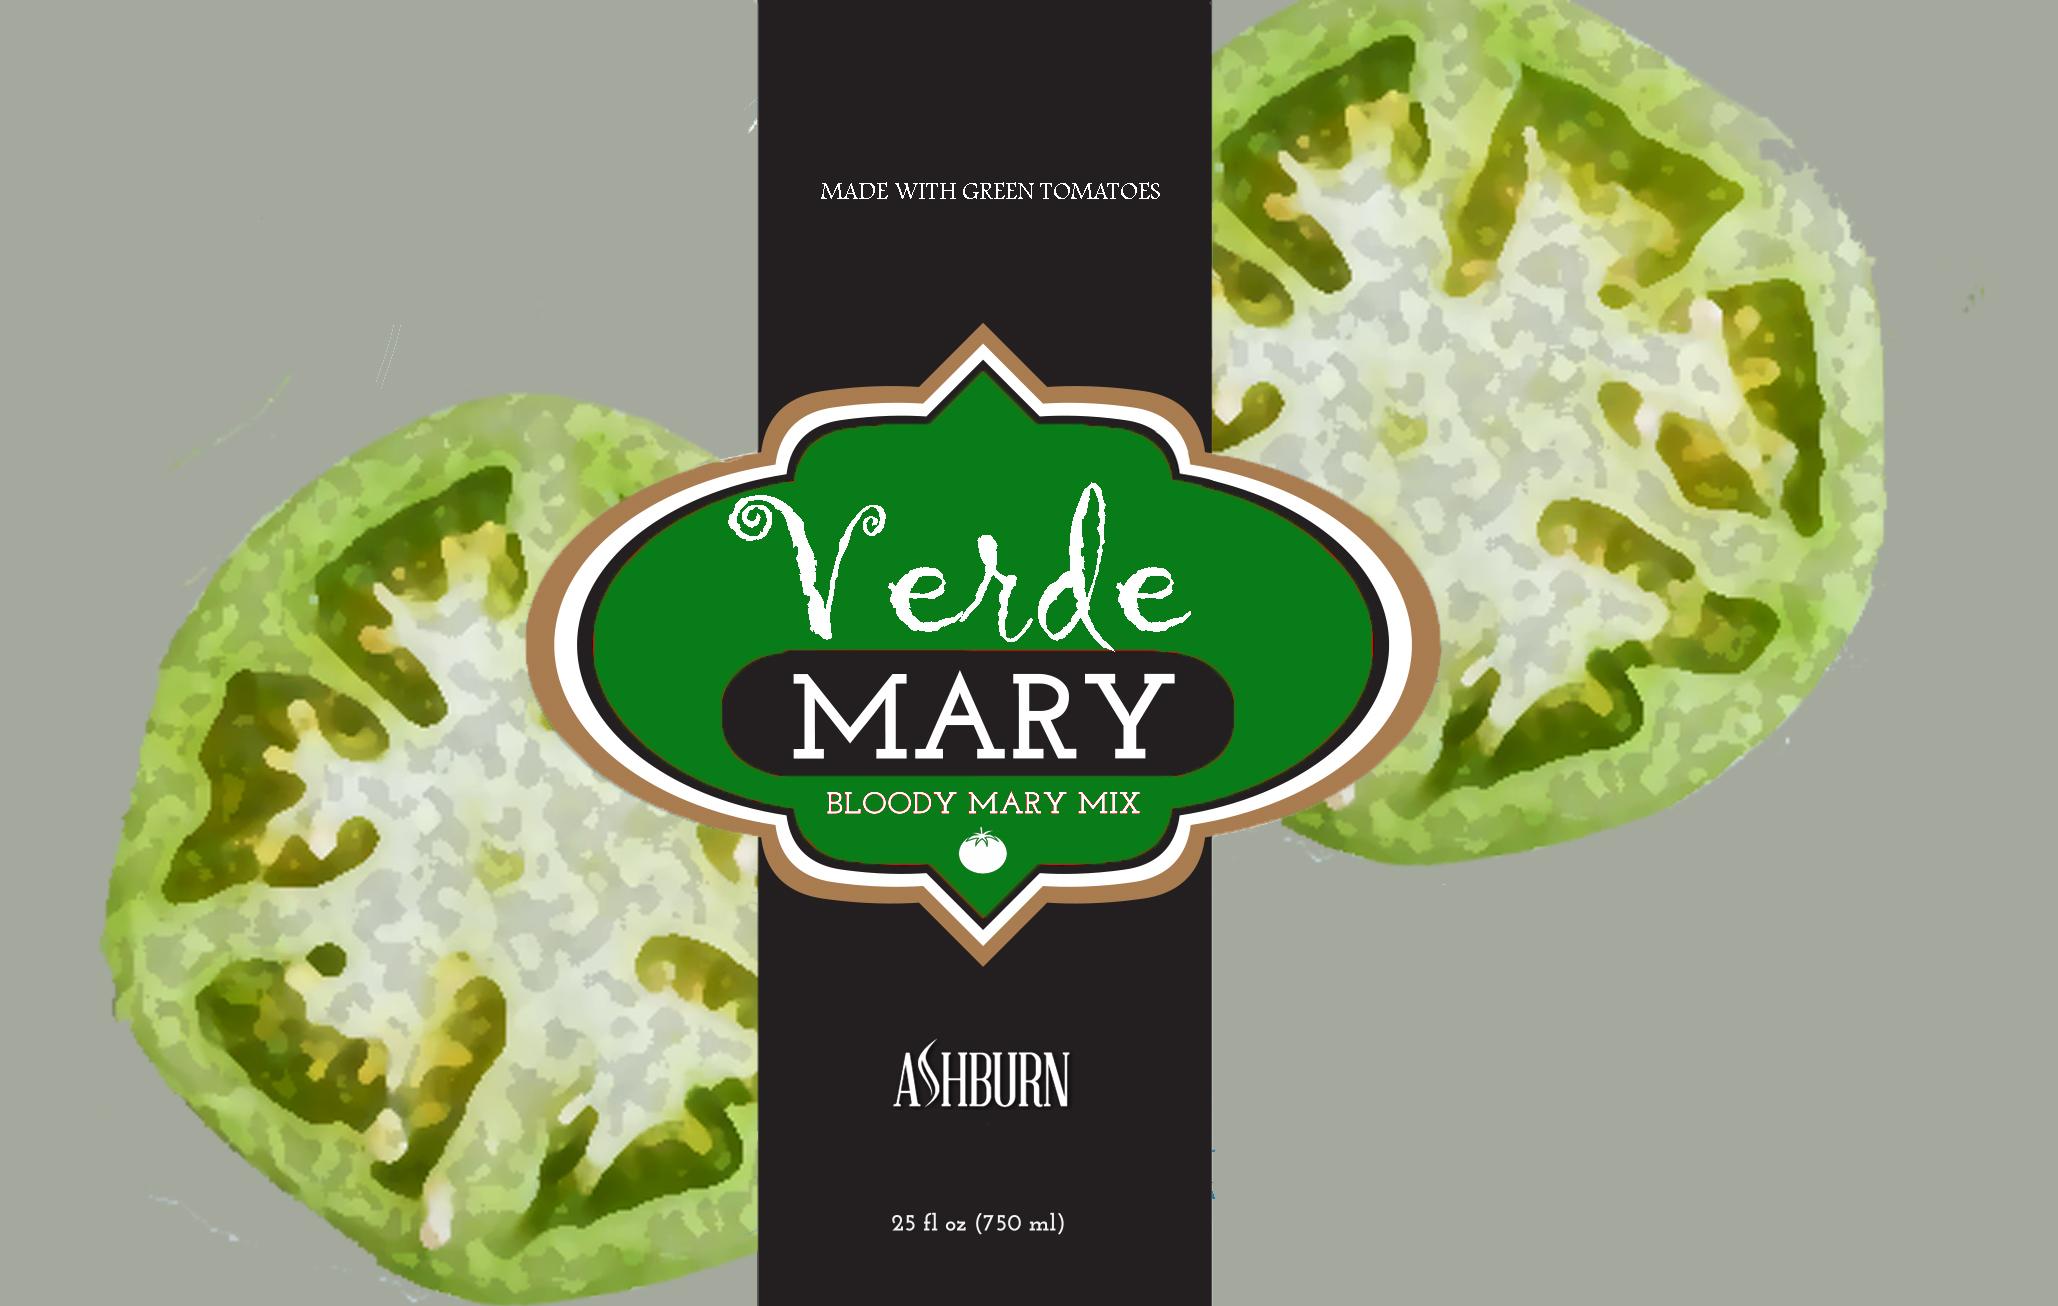 Verde Mary